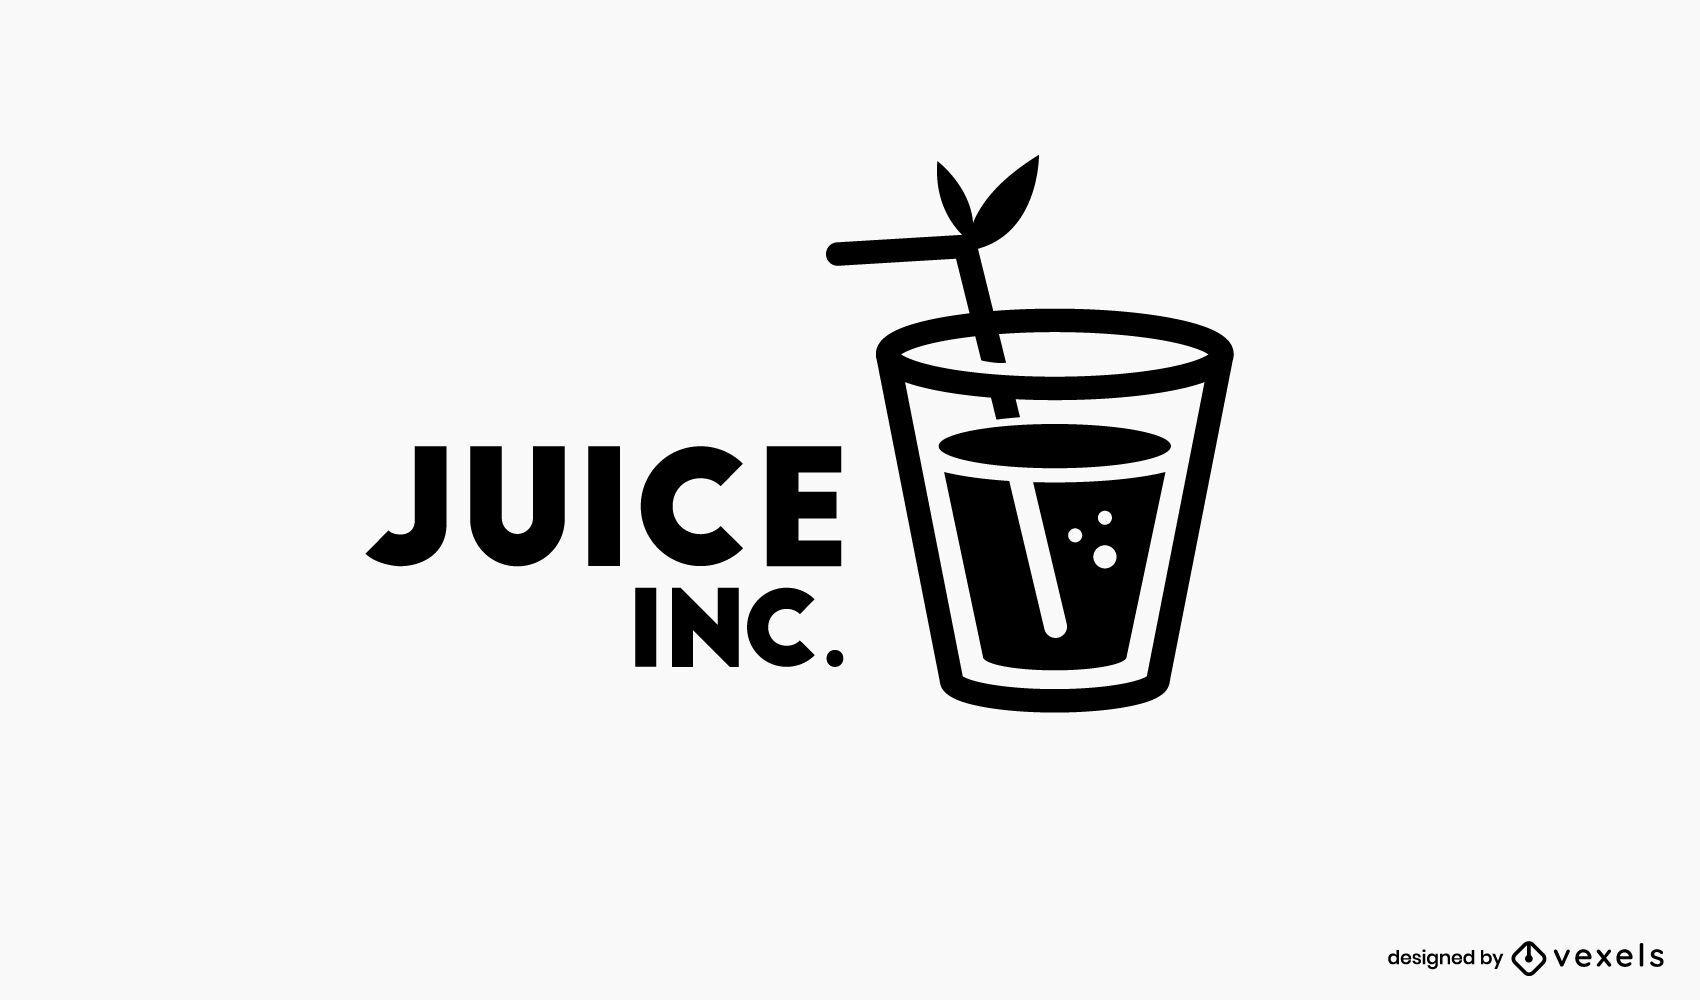 Juice inc logo template